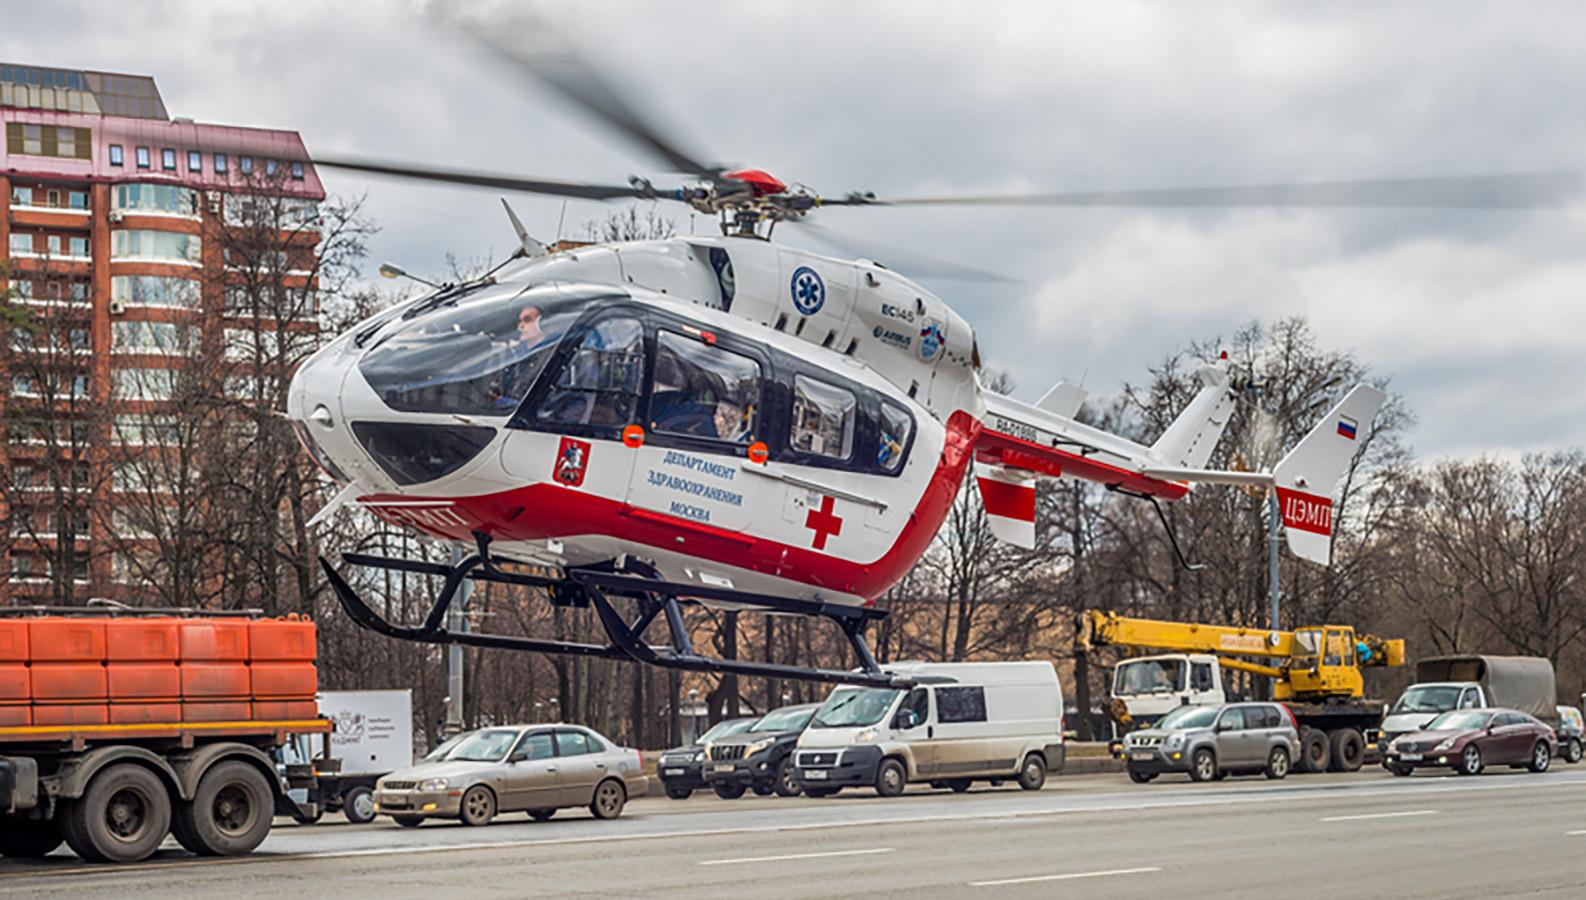 Врачи санавиации в Москве спасли упавшего с 7-го этажа мальчика